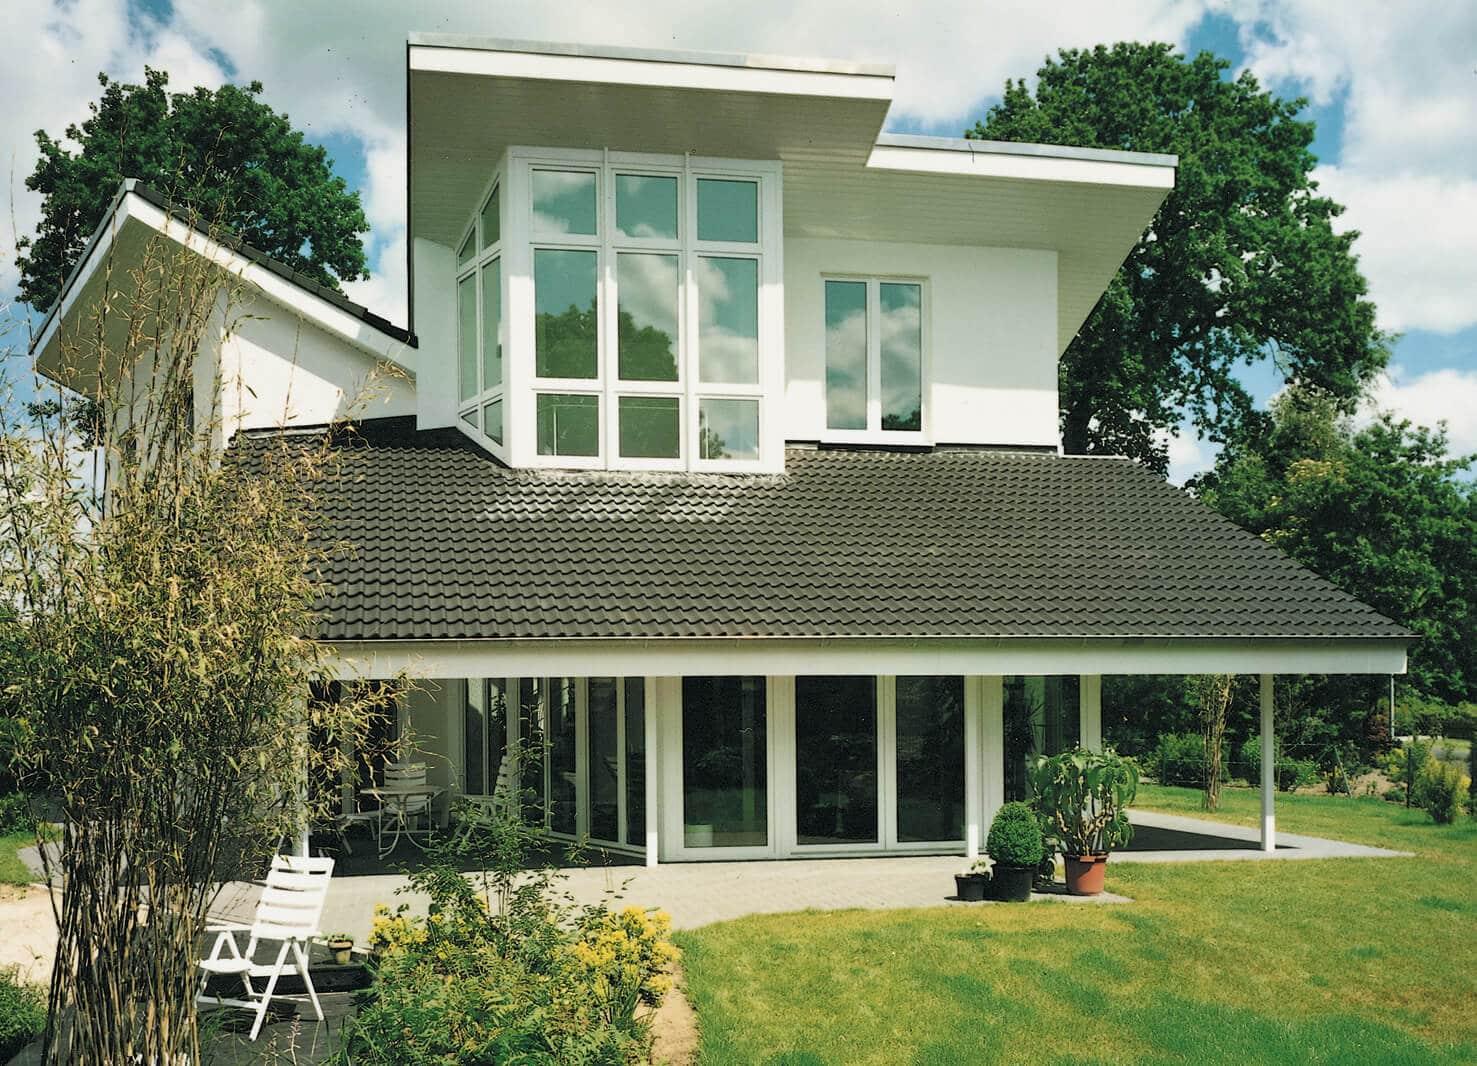 Haus_weiße_Fenster_Garten